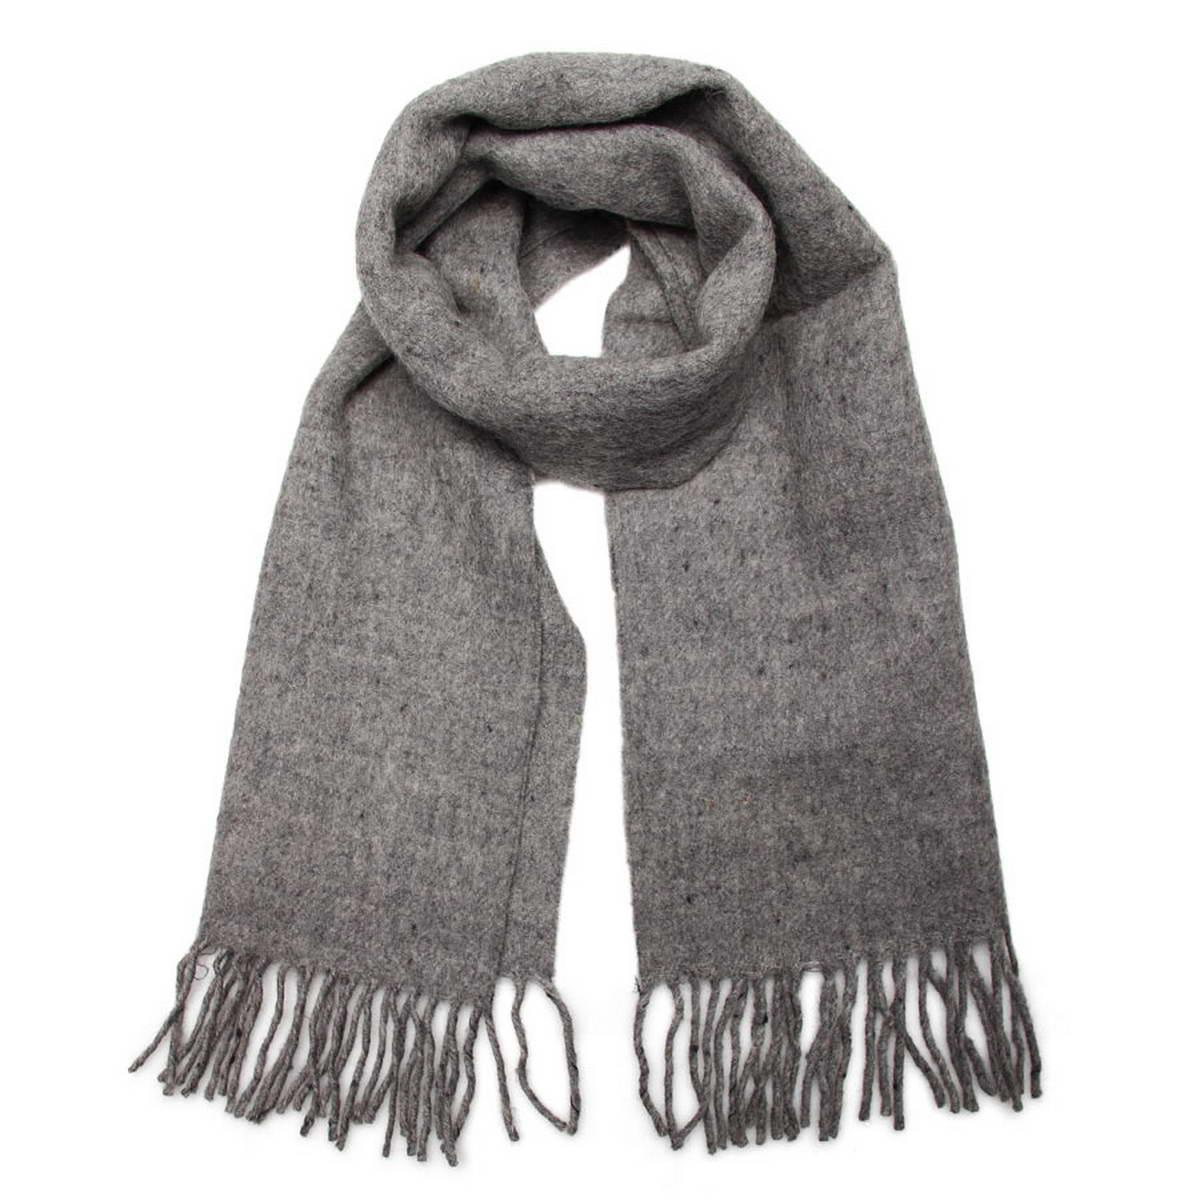 Шарф мужской. 5002432-35002432-3Элегантный мужской шарф Venera согреет вас в холодное время года, а также станет изысканным аксессуаром, который призван подчеркнуть ваш стиль и индивидуальность. Оригинальный теплый шарф выполнен из высококачественной шерстяной пряжи. Однотонный шарф дополнен бахромой в виде жгутиков по краю. Такой шарф станет превосходным дополнением к любому наряду, защитит вас от ветра и холода и позволит вам создать свой неповторимый стиль.